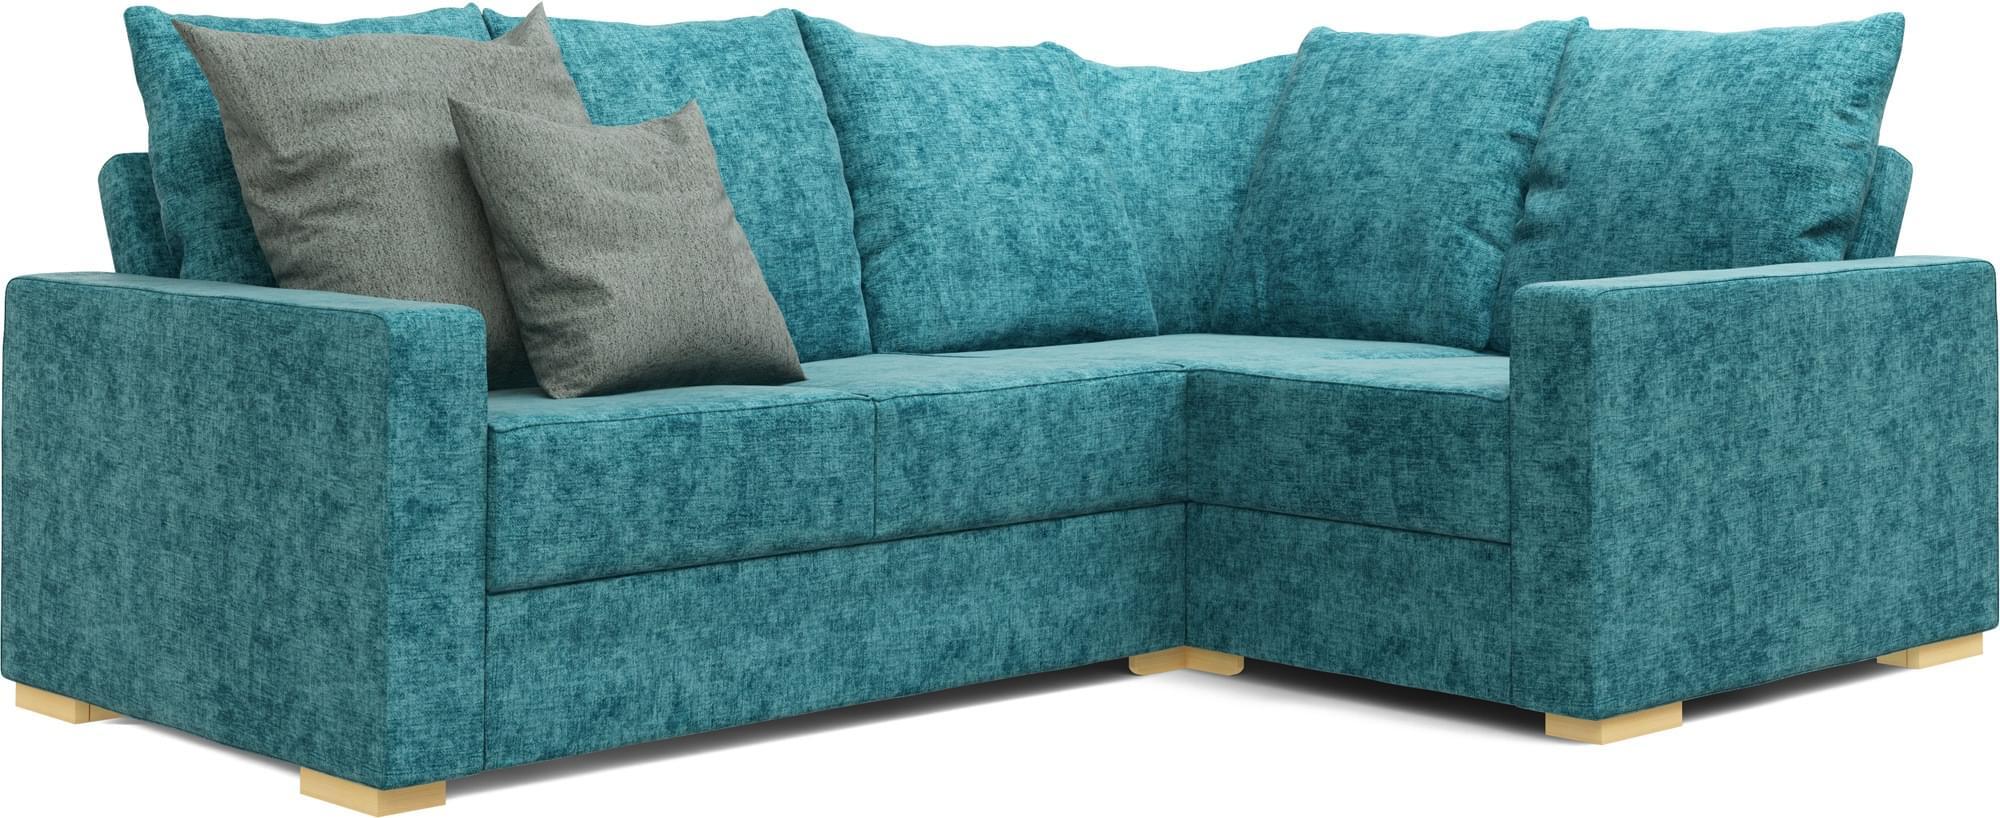 Tor 3X2 Corner Sofa